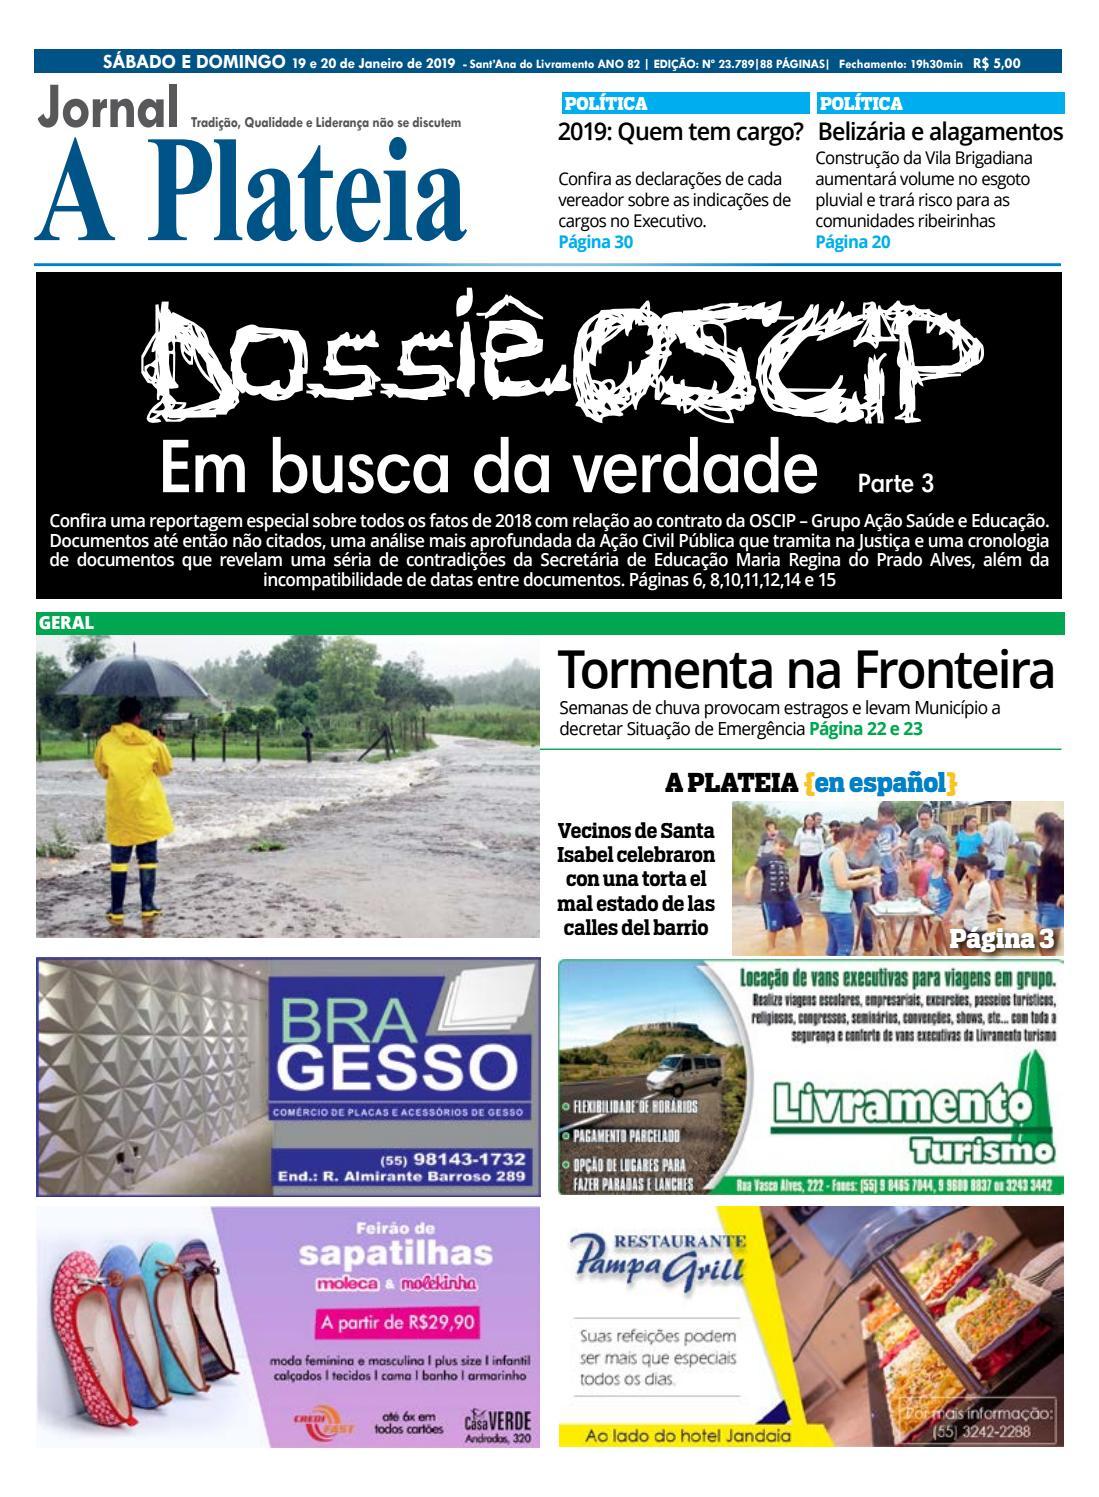 Jornal A Plateia - 19 de Janeiro 2019 by Jornal A Plateia Livramento - issuu 9bff2a3a54fa4